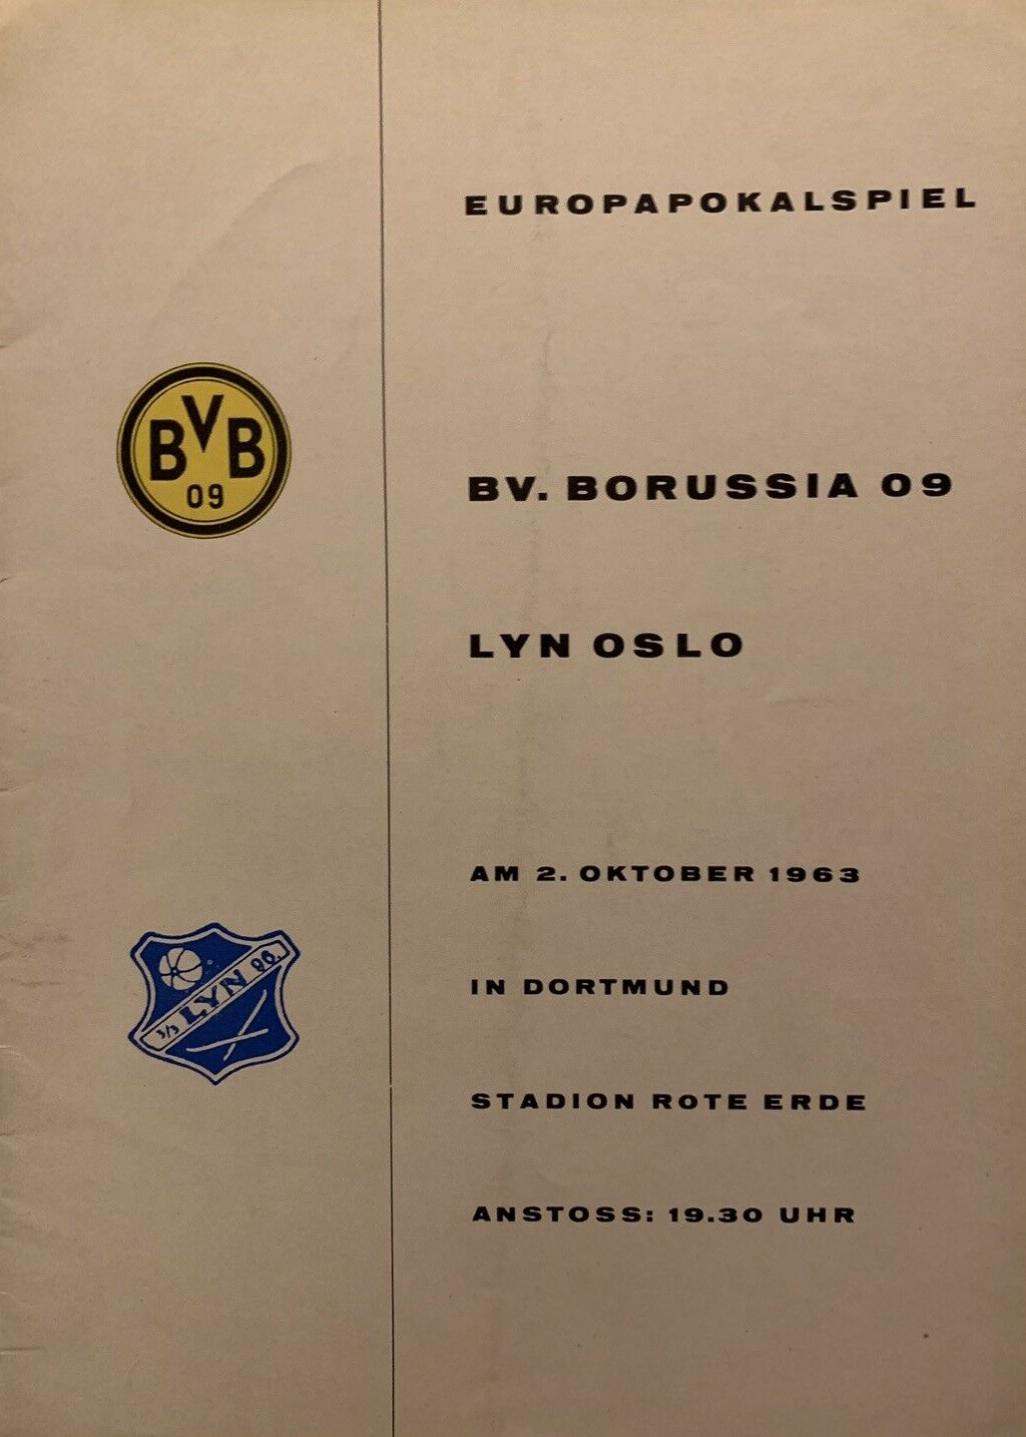 Боруссия Дортмунд (Германия) - Люн (Норвегия) 3:1. Нажмите, чтобы посмотреть истинный размер рисунка